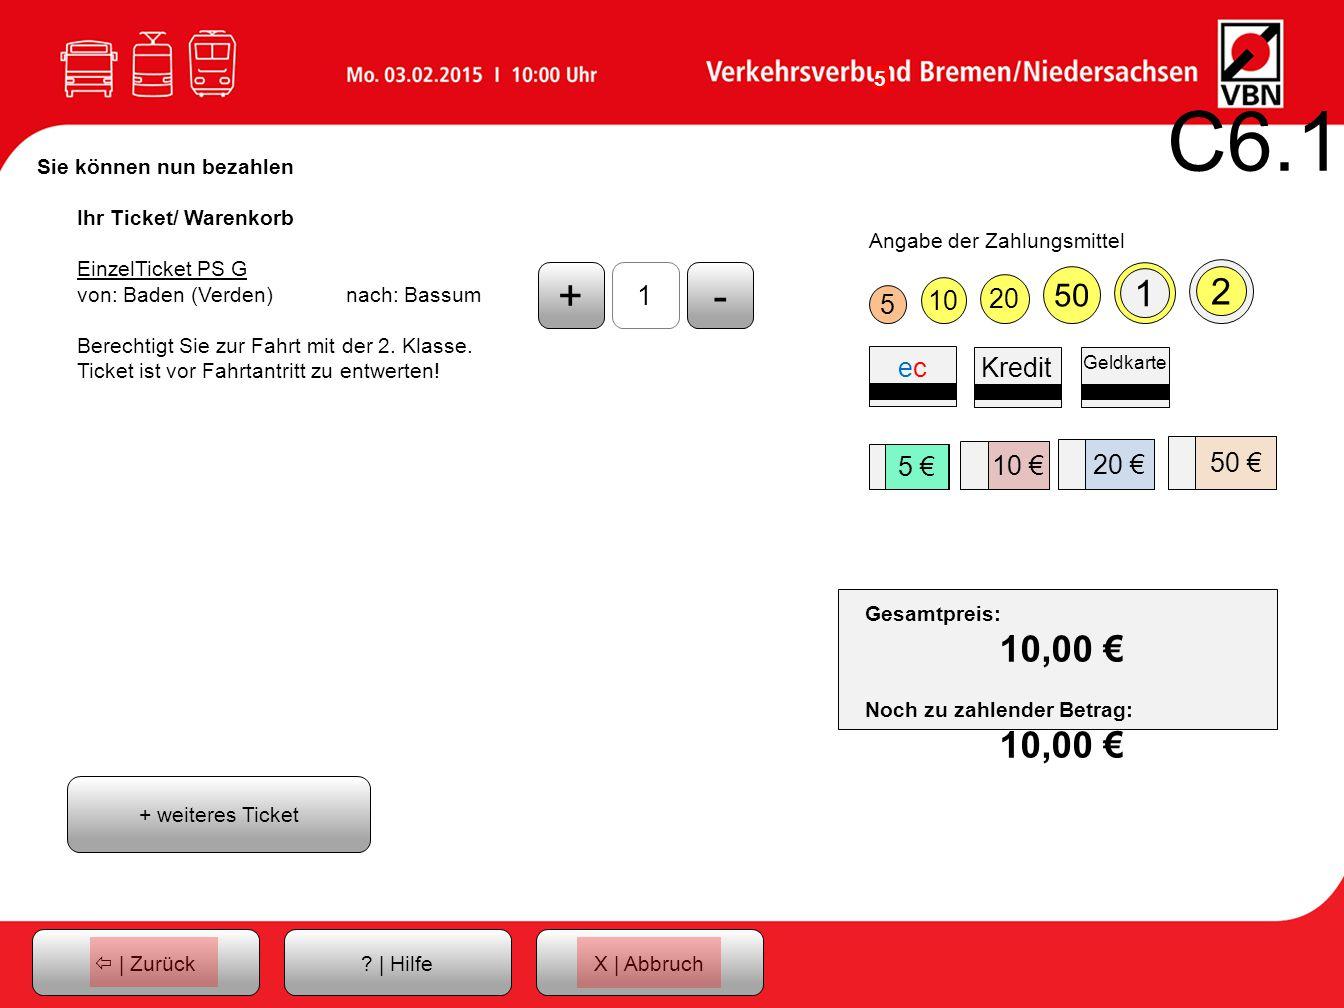 C6.1 Sie können nun bezahlen. Ihr Ticket/ Warenkorb. EinzelTicket PS G. von: Baden (Verden) nach: Bassum.